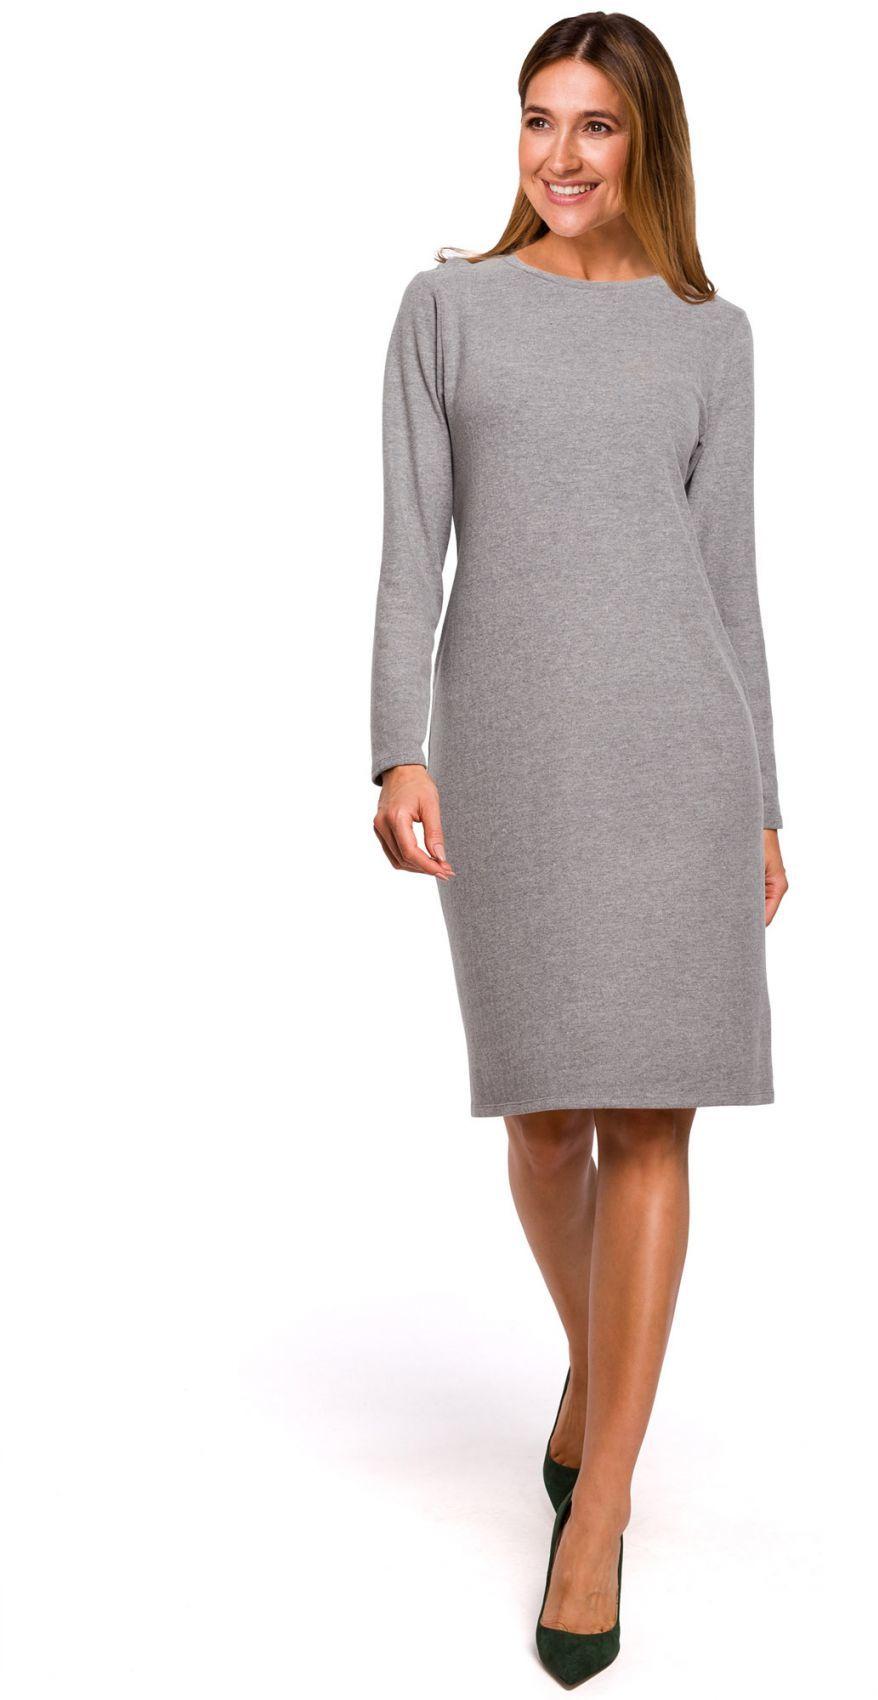 S178 Sukienka swetrowa z długimi rękawami - szara